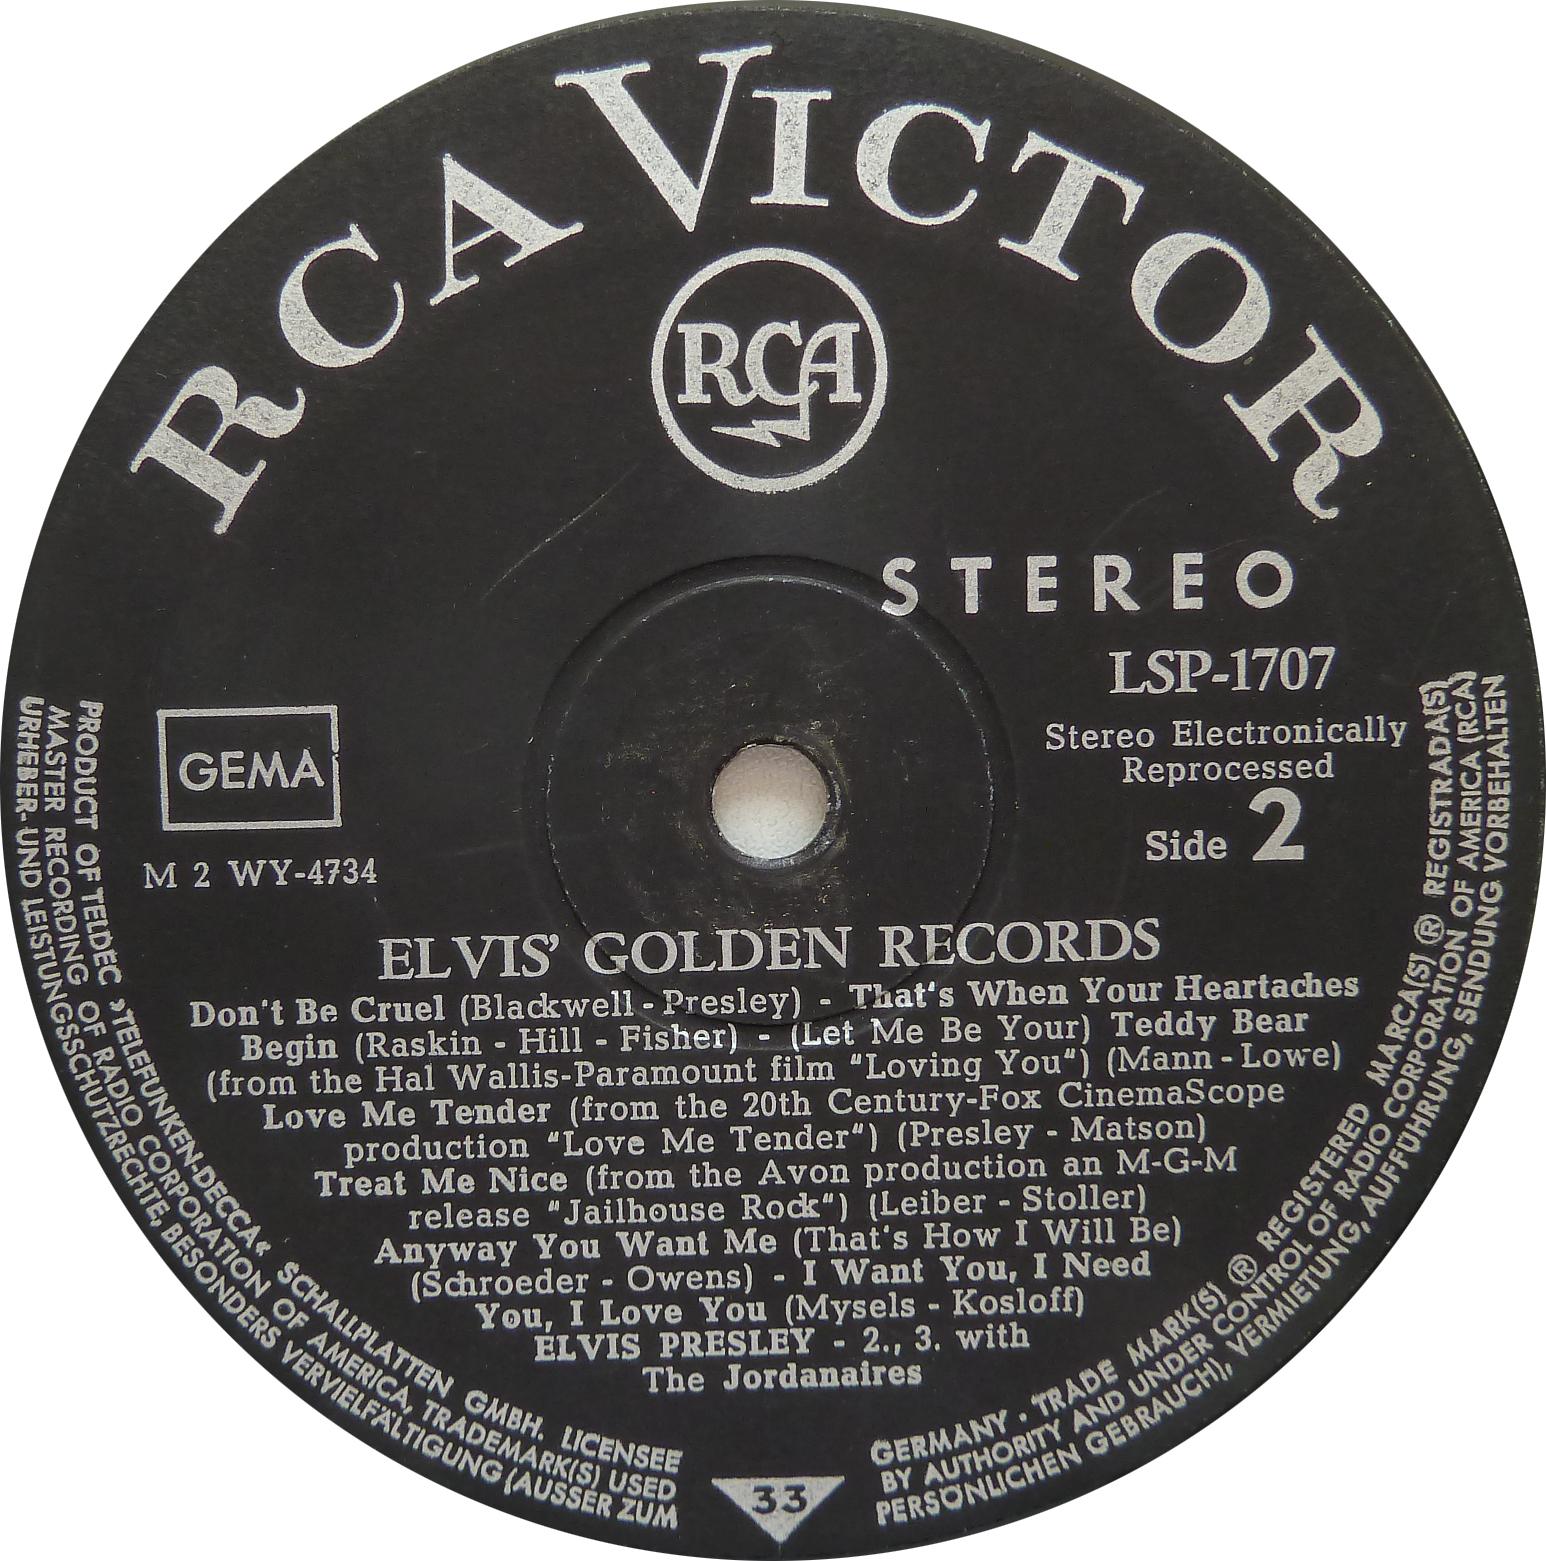 ELVIS' GOLDEN RECORDS Elvisgoldenrecords66avzxnd